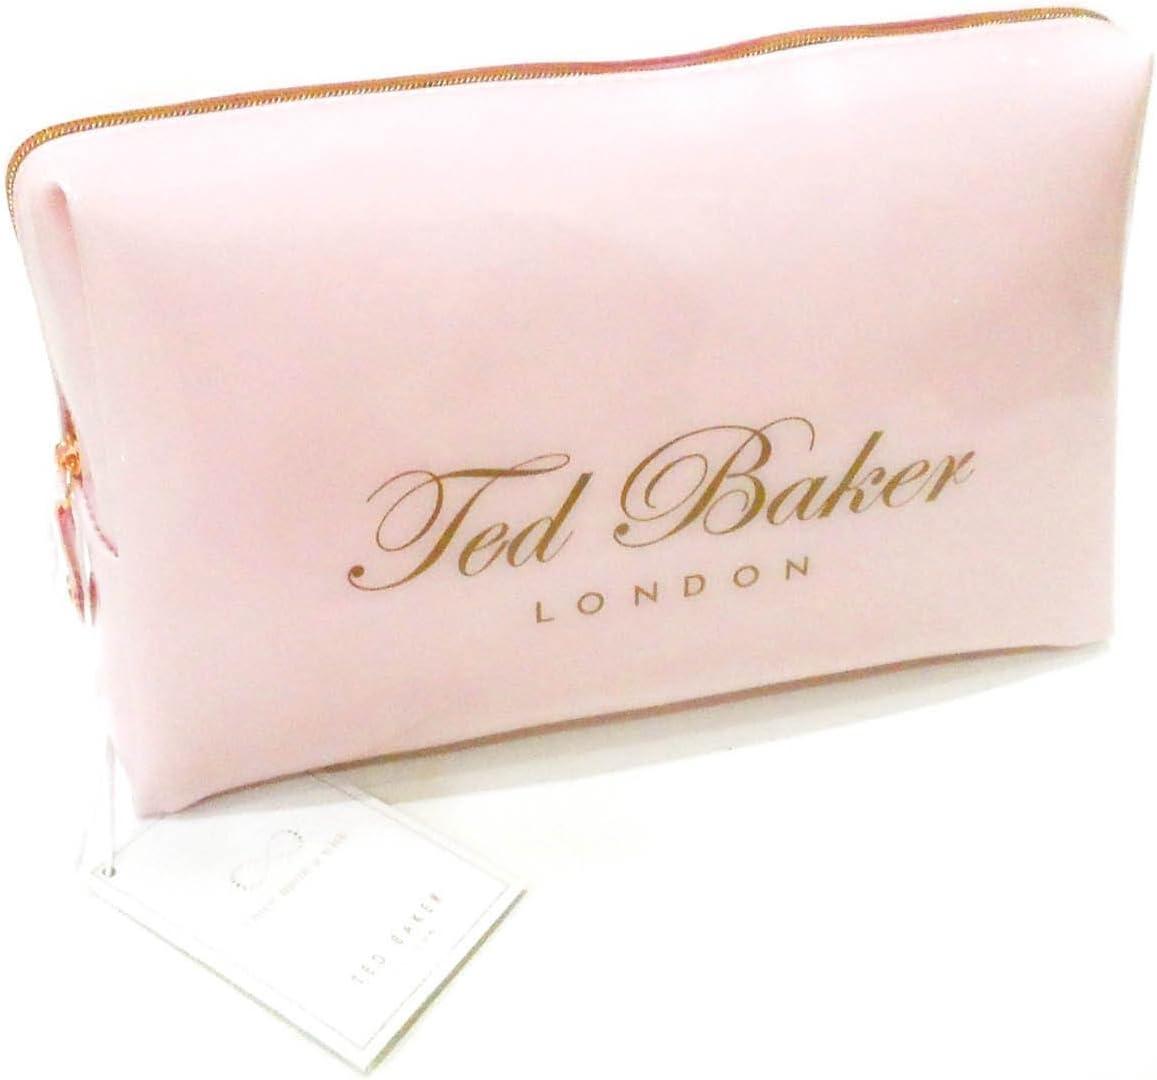 Neceser original de Ted Baker, tamaño pequeño, en color rosa pálido, ideal para maquillaje: Amazon.es: Belleza